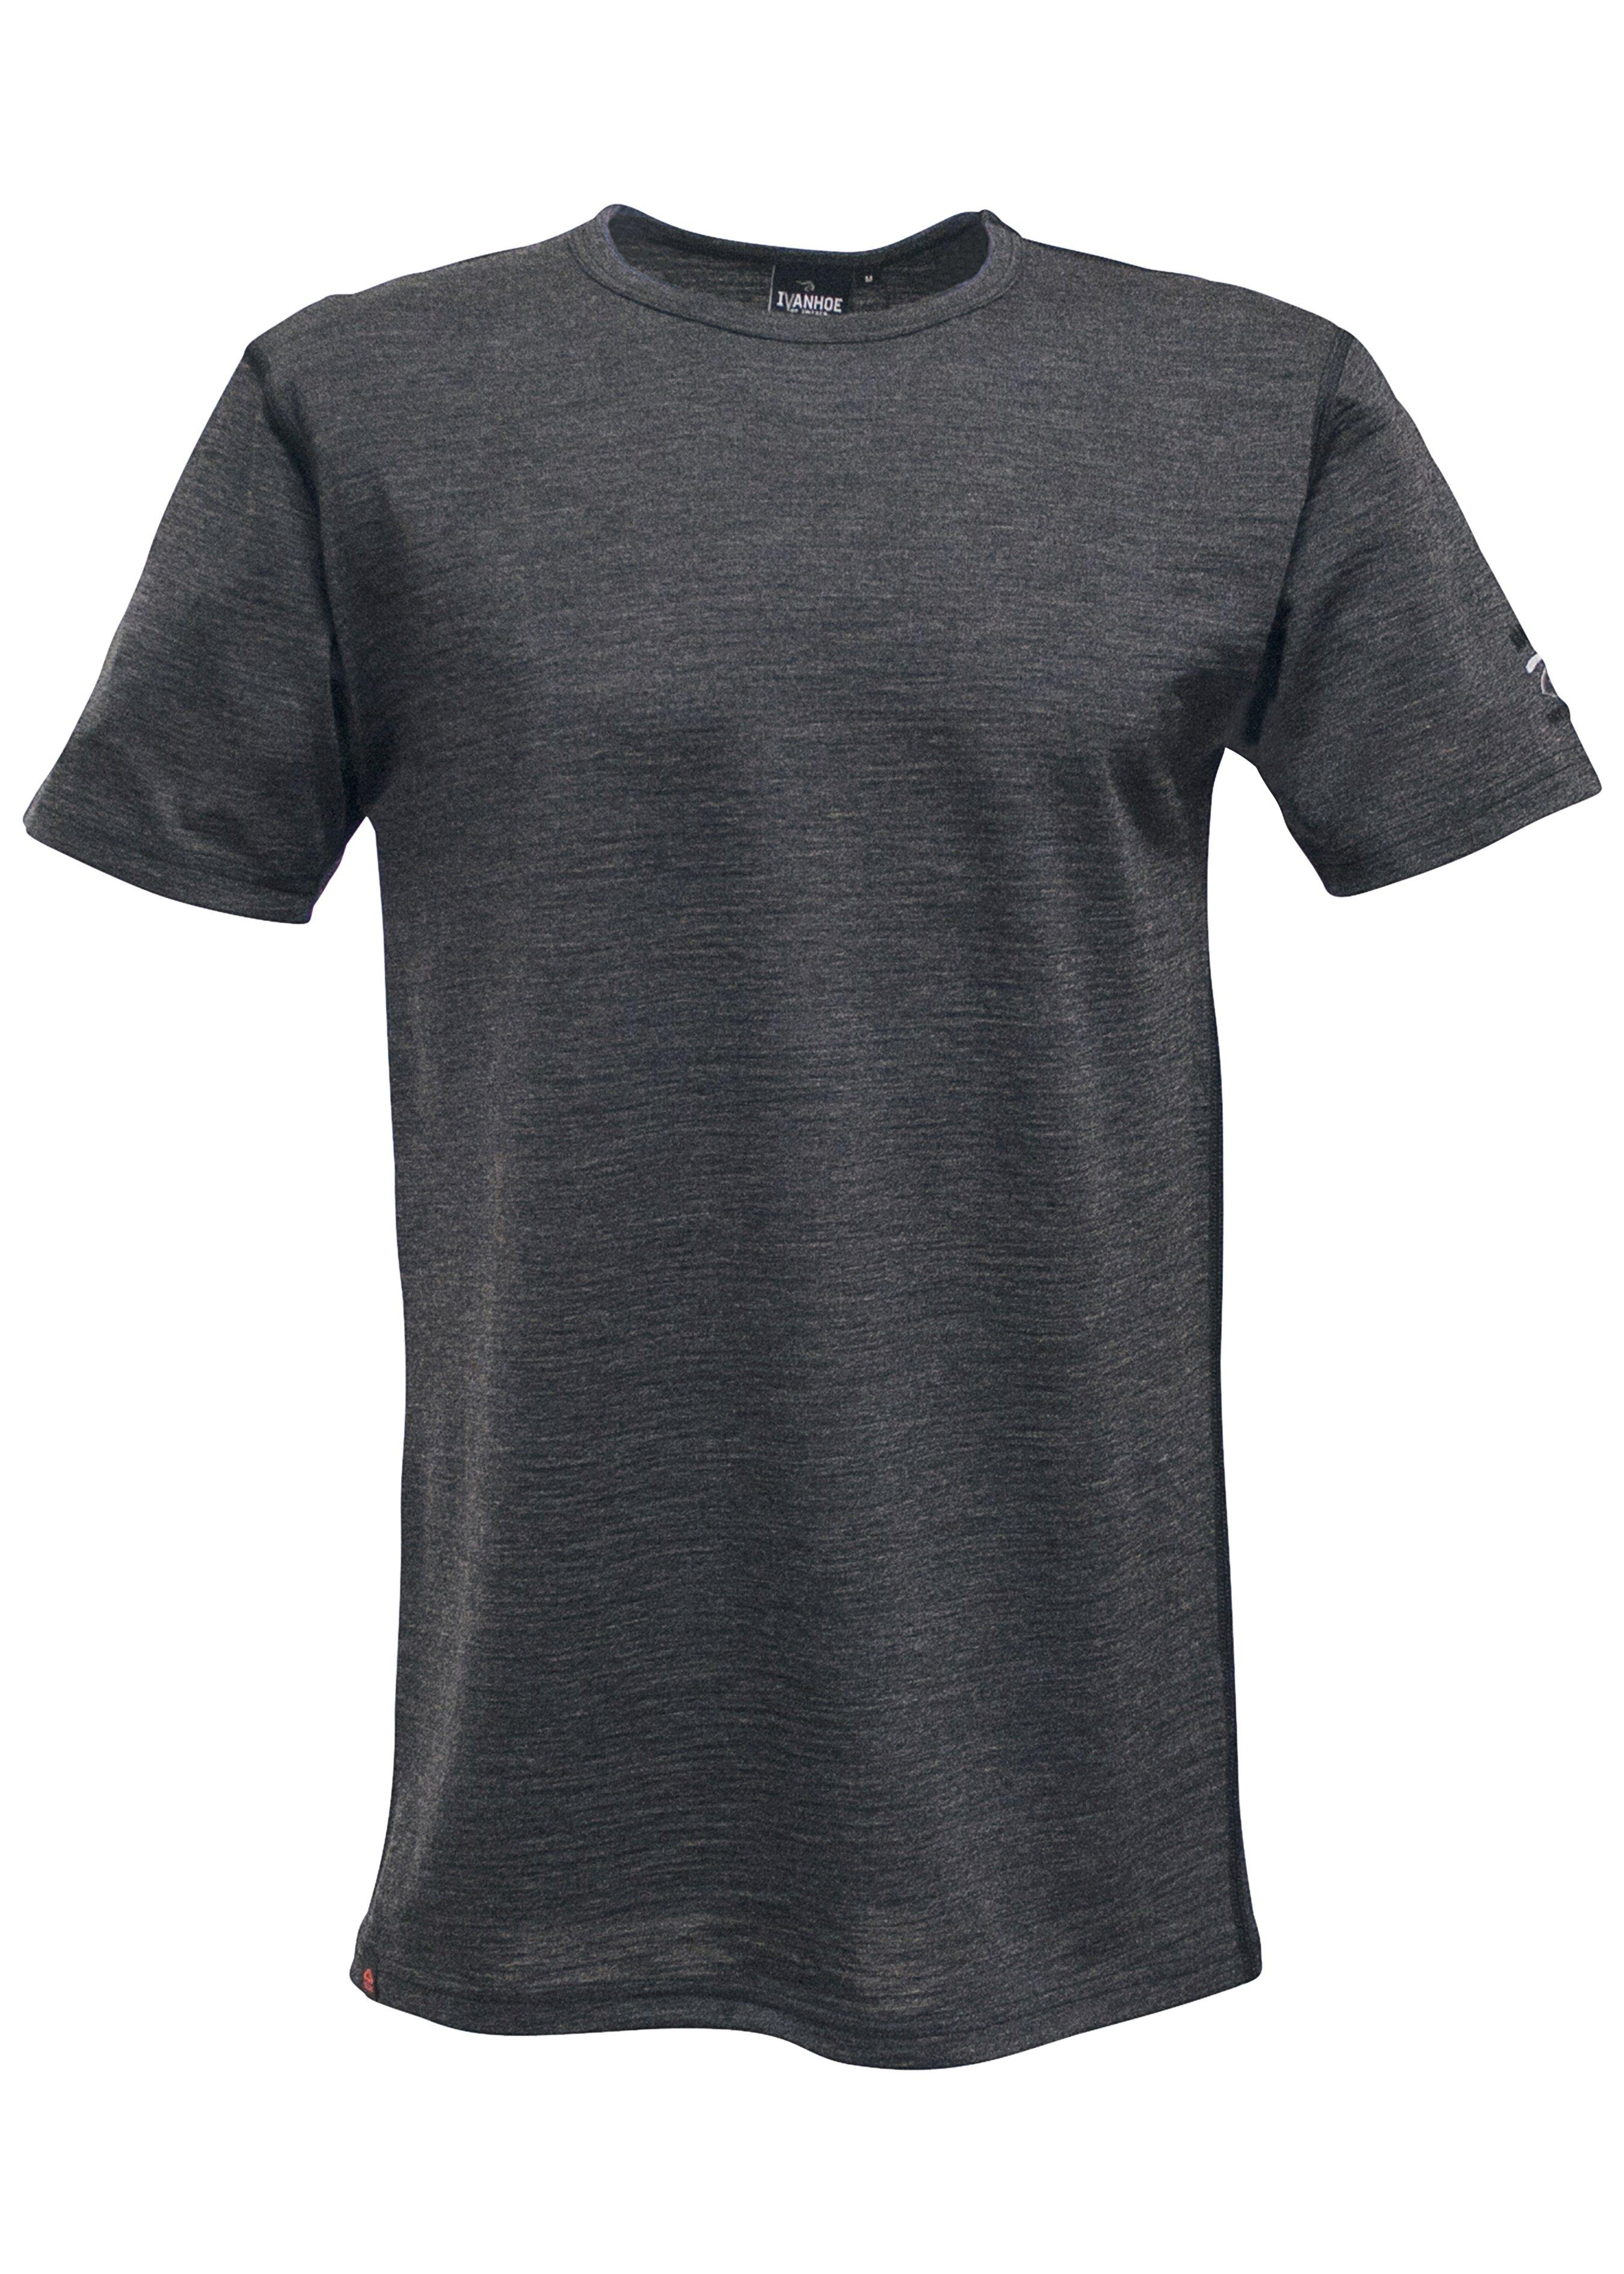 Ivanhoe Herren Merino-Shirt 253912L 1